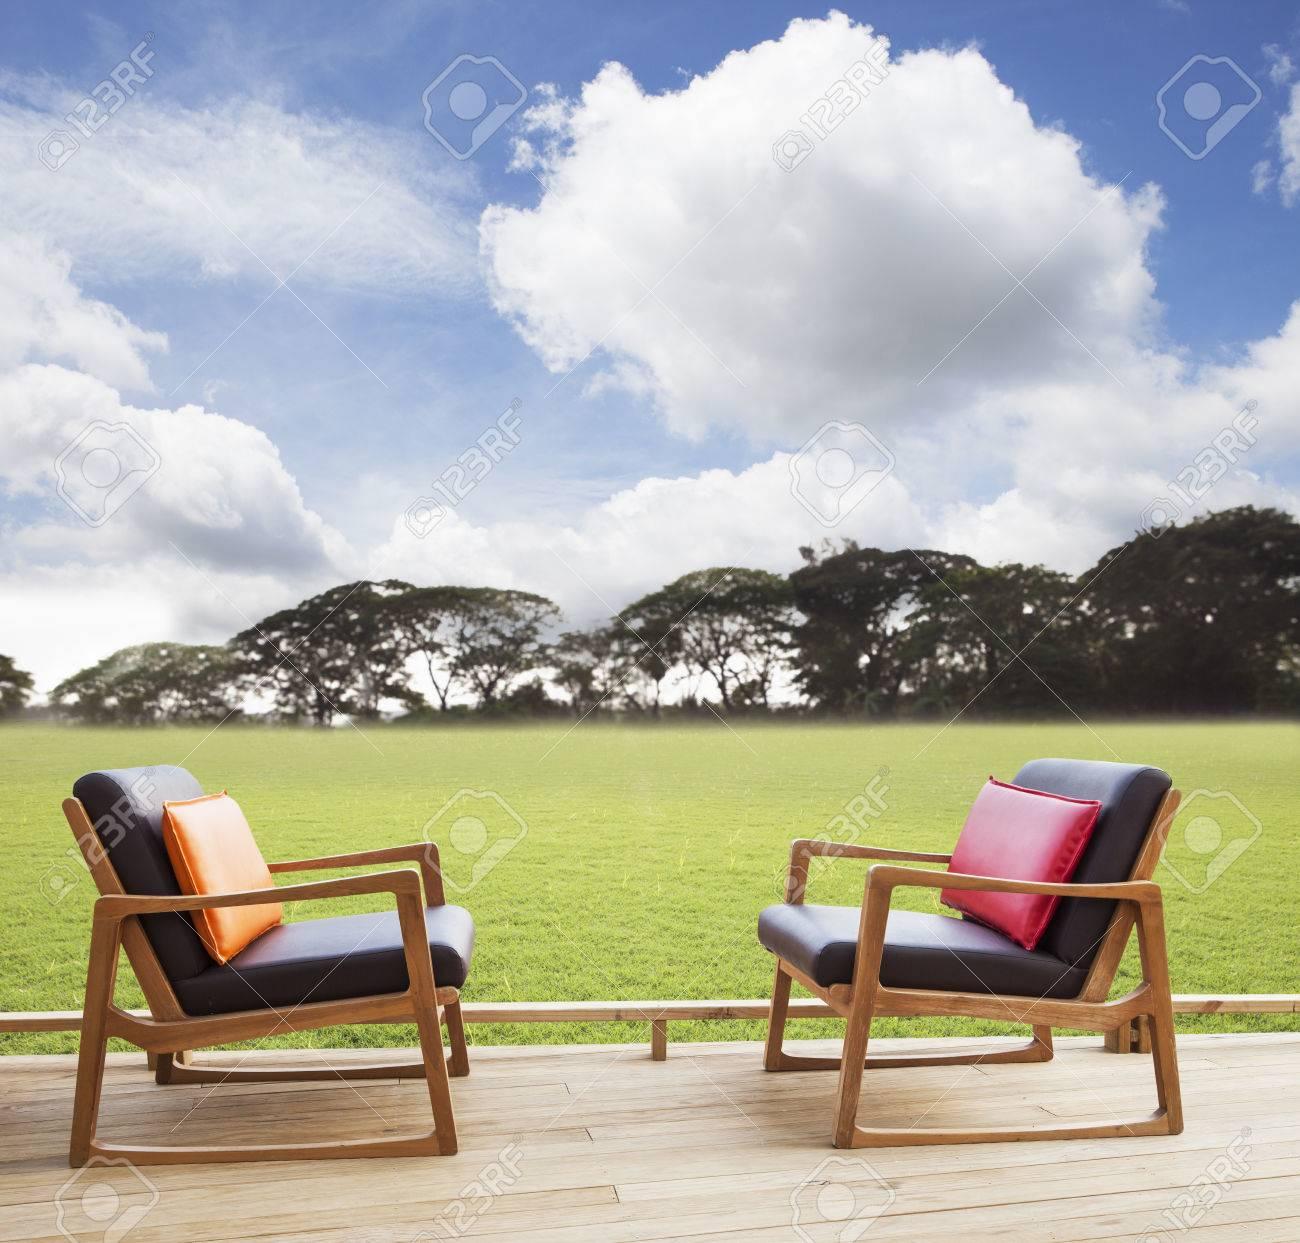 Sillones De Relax En La Terraza De Madera Con Campo De Hierba Y El Uso Hermoso Cielo Tan Natural